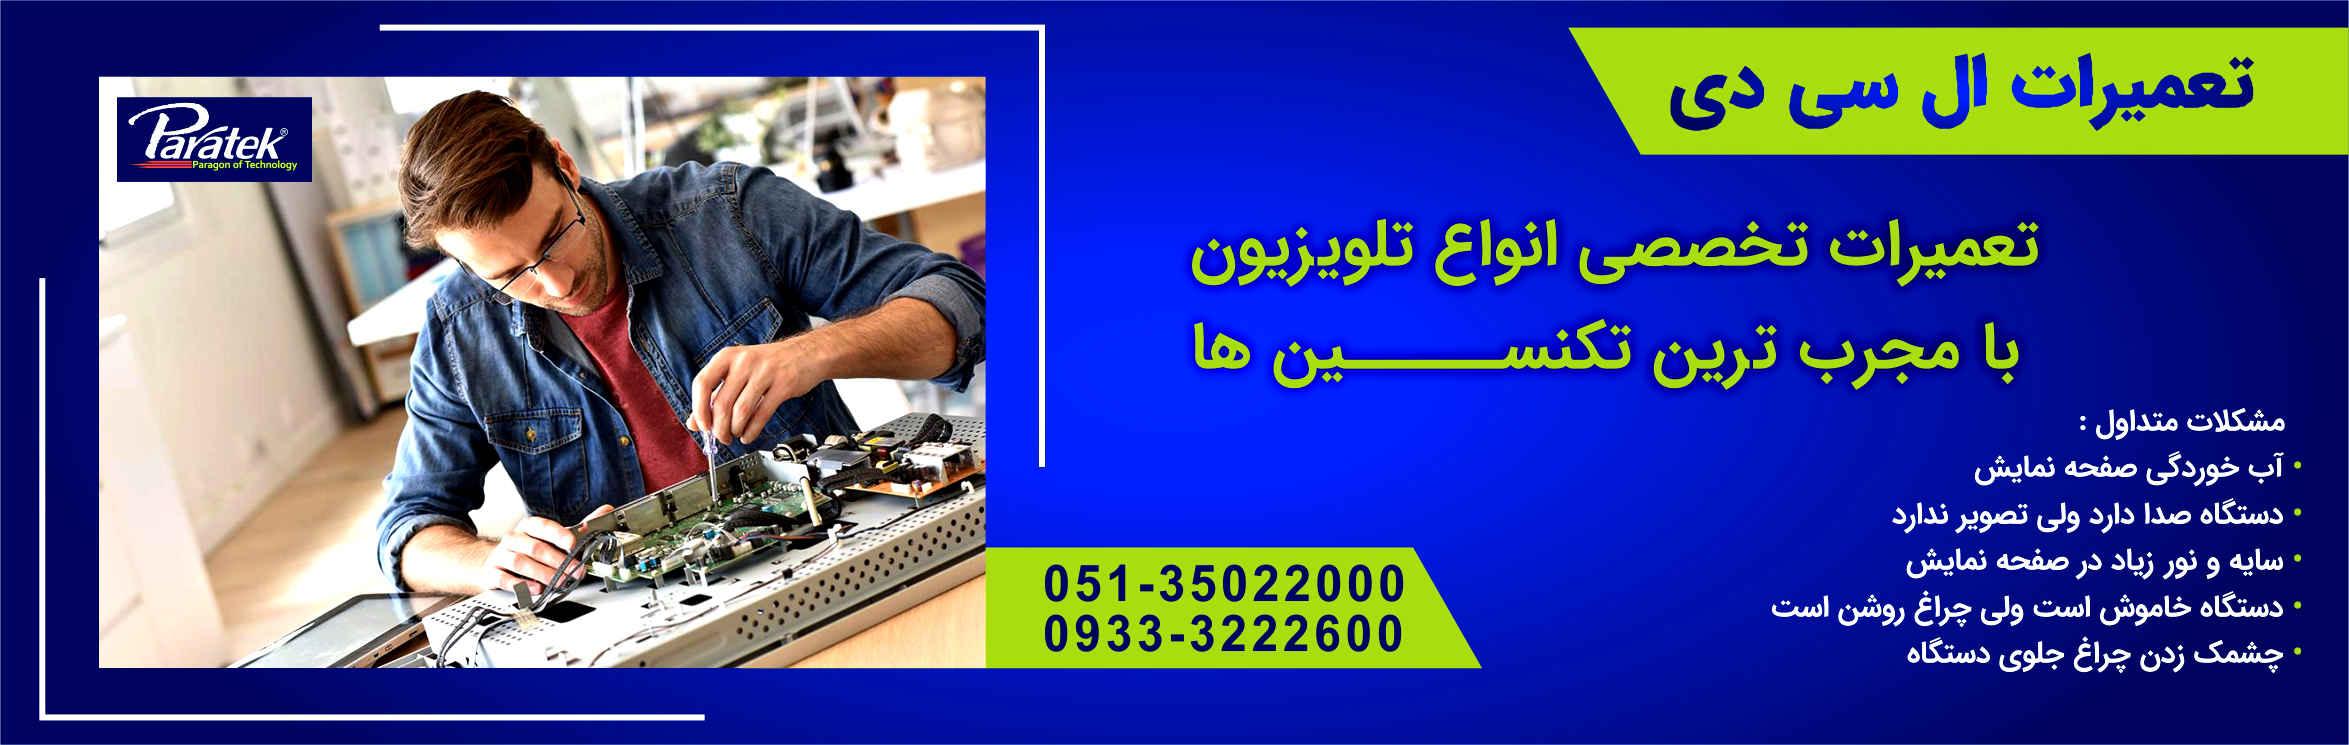 تعمیرات ال سی دی تلویزیون